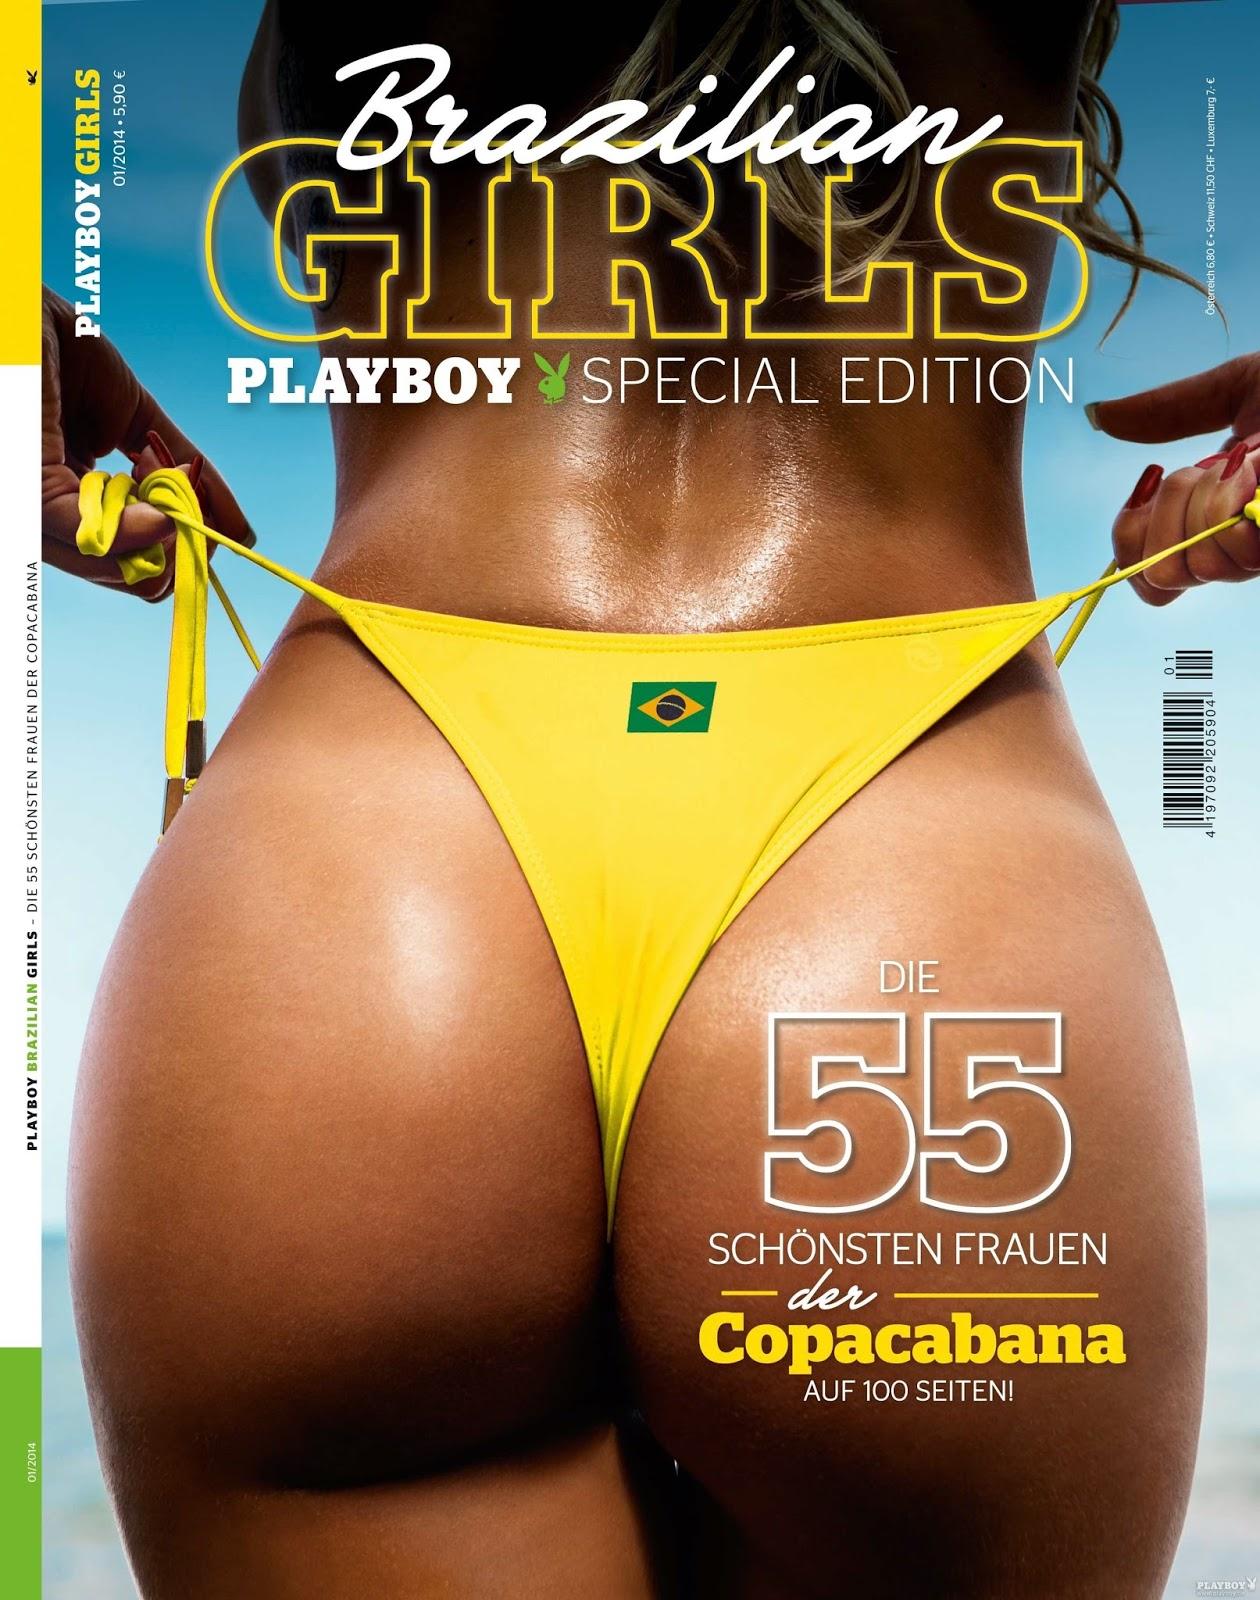 Confira as fotos da edição especial da Playboy Alemanha com as mulheres do Brasil, edição janeiro 2014! Playboy Especial Alemanha - Germany Special edition  Brazilian Girls - Edição Janeiro 2014